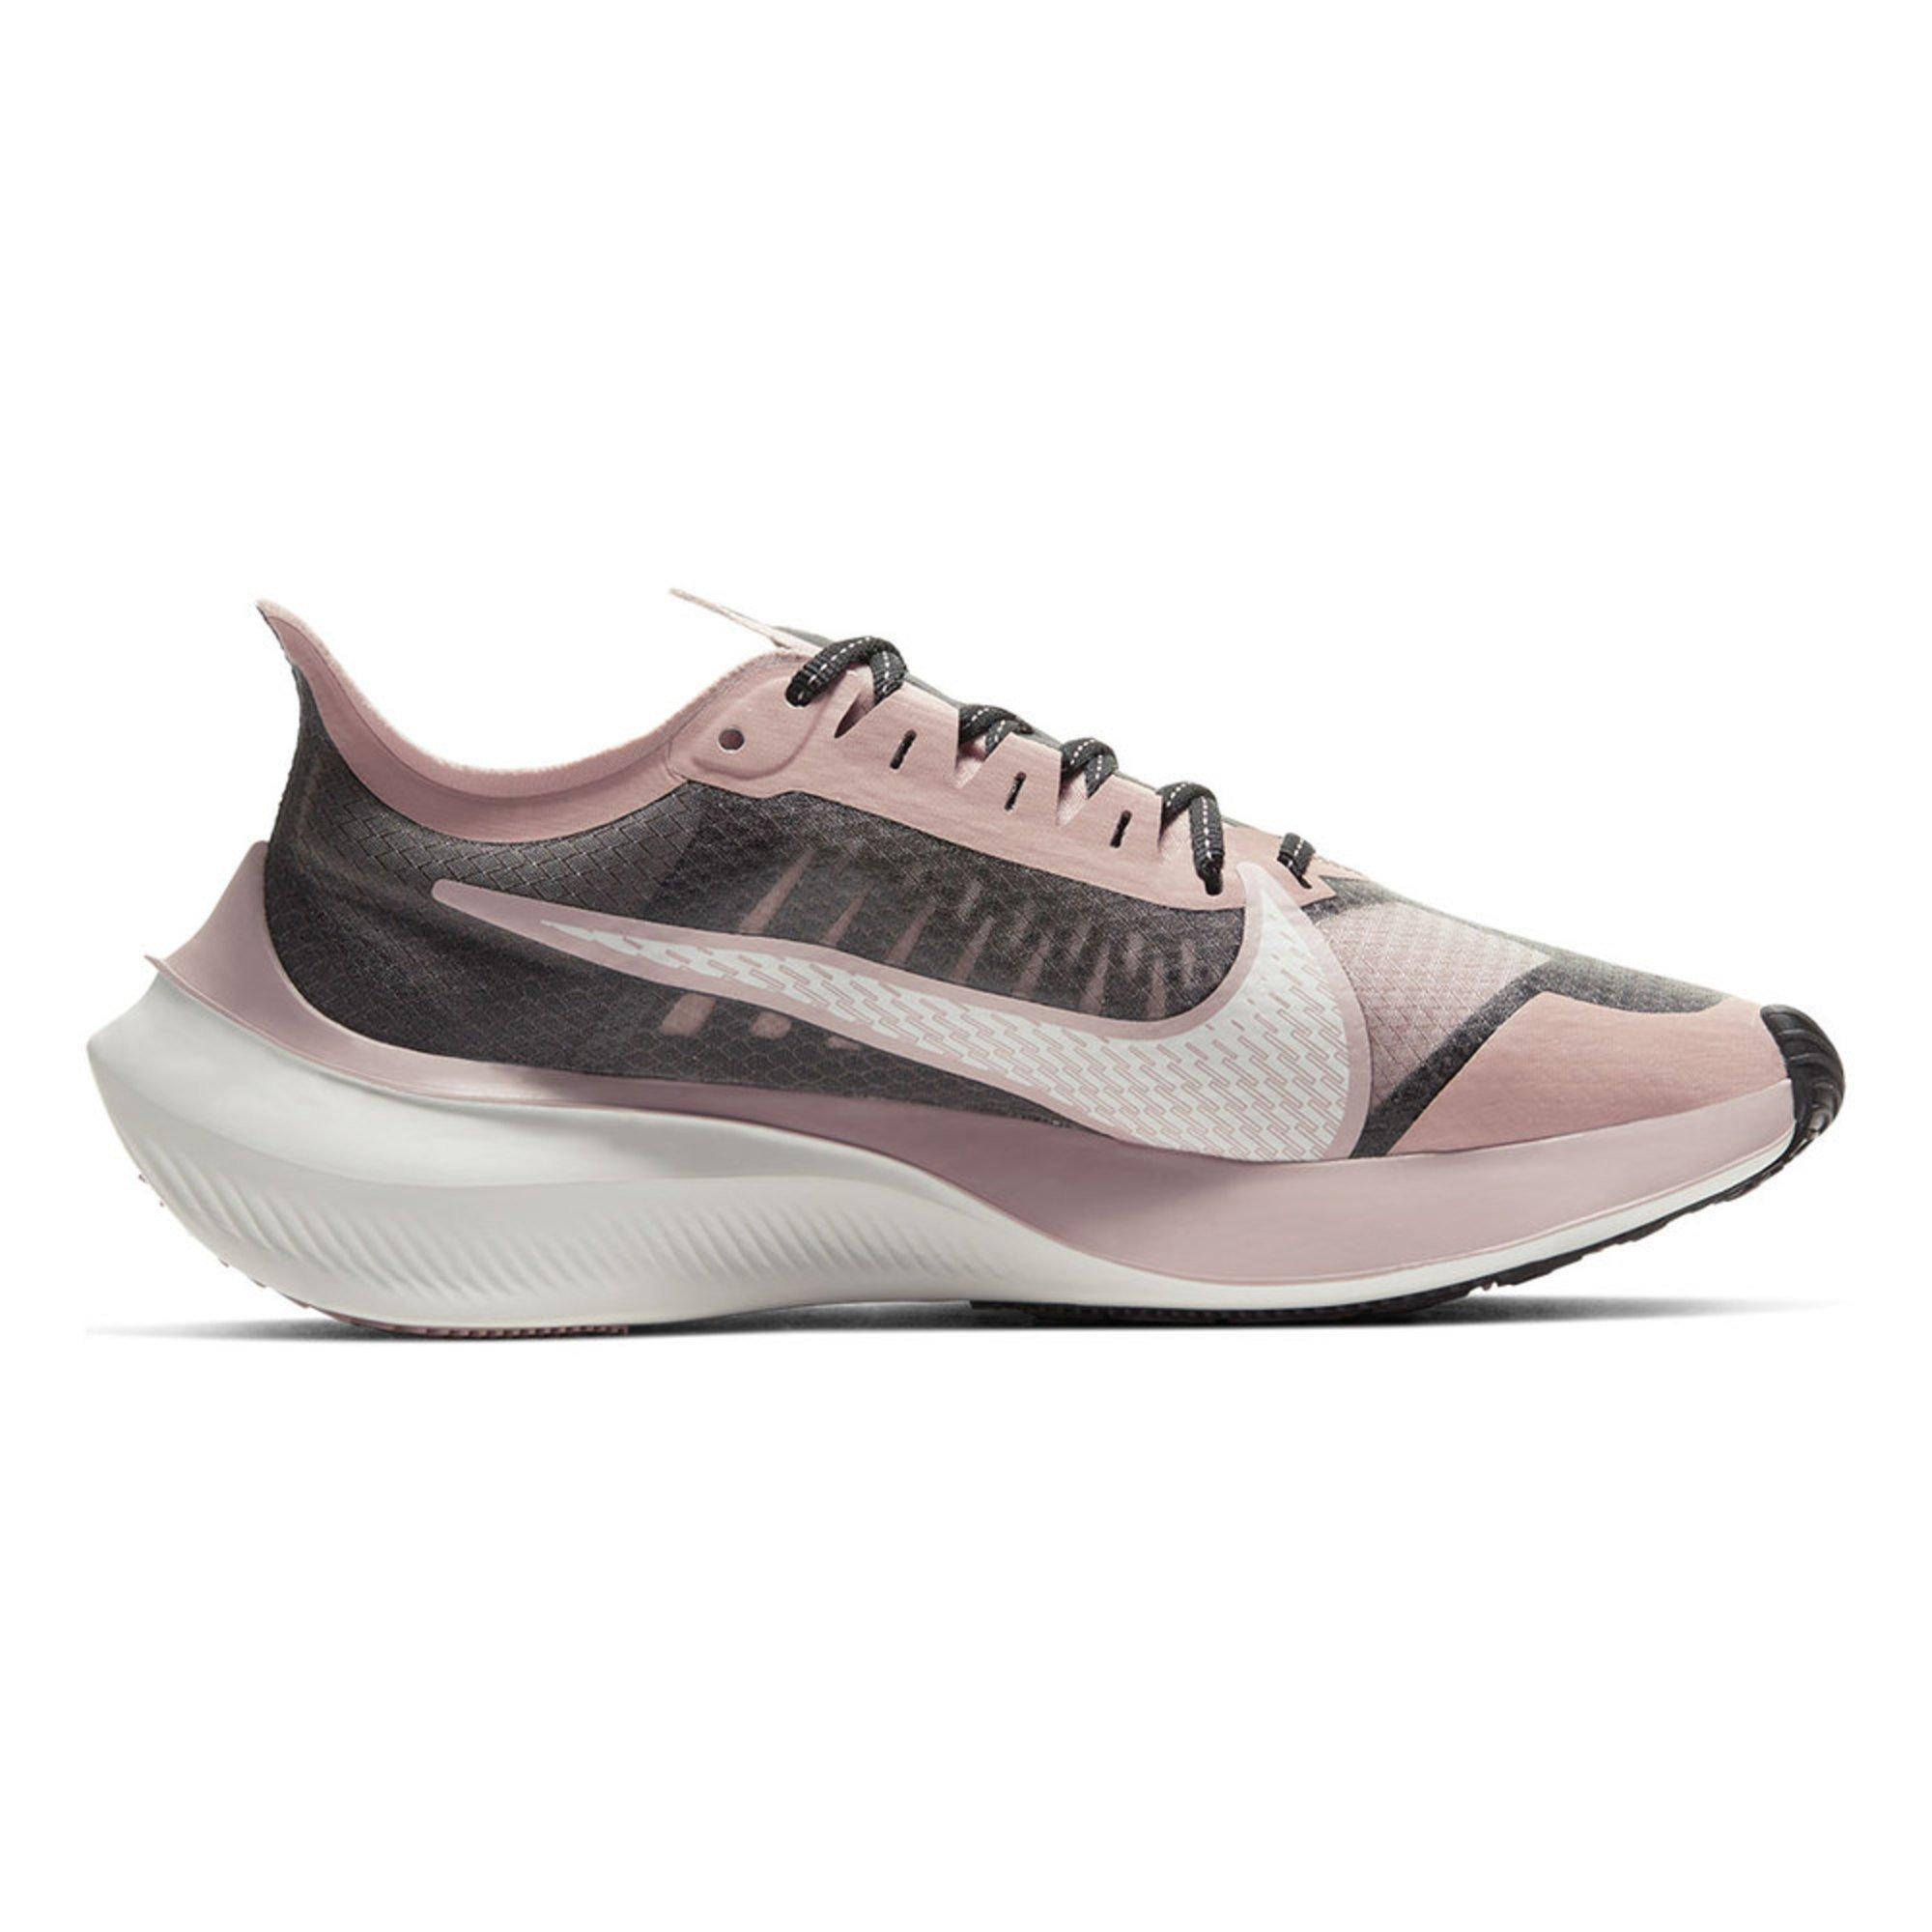 Nike Women's Zoom Gravity Running Shoe